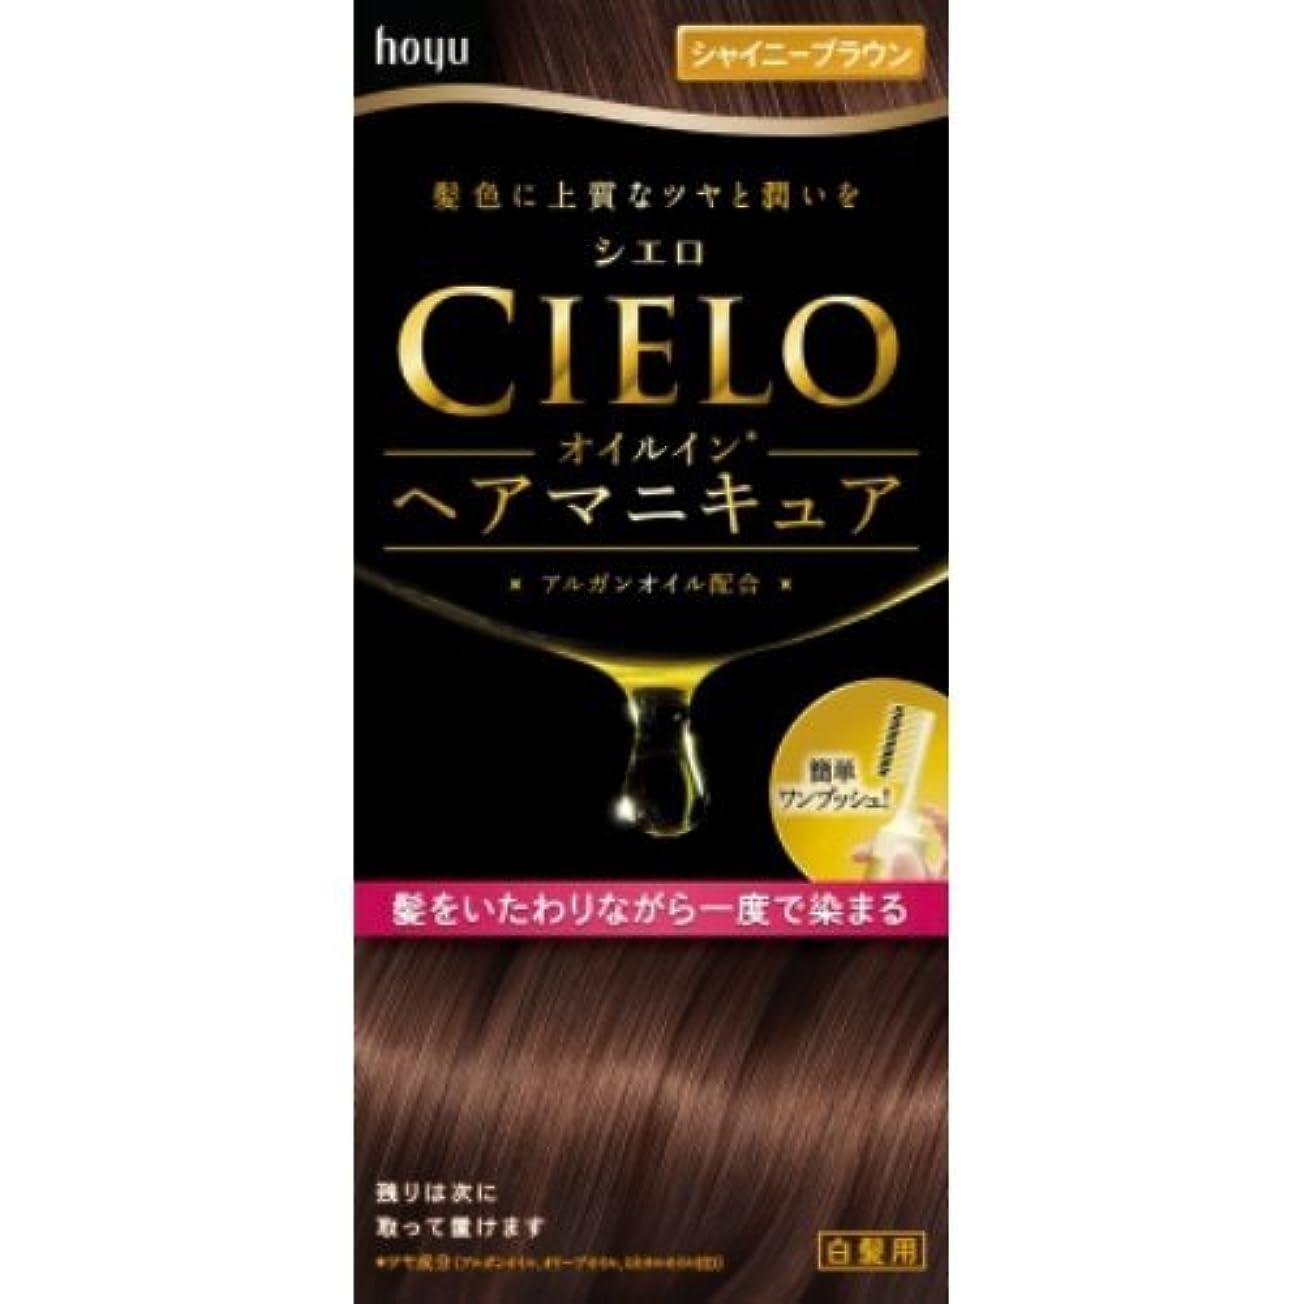 欠如アジテーション愛するシエロ オイルインヘアマニキュア シャイニーブラウン × 3個セット